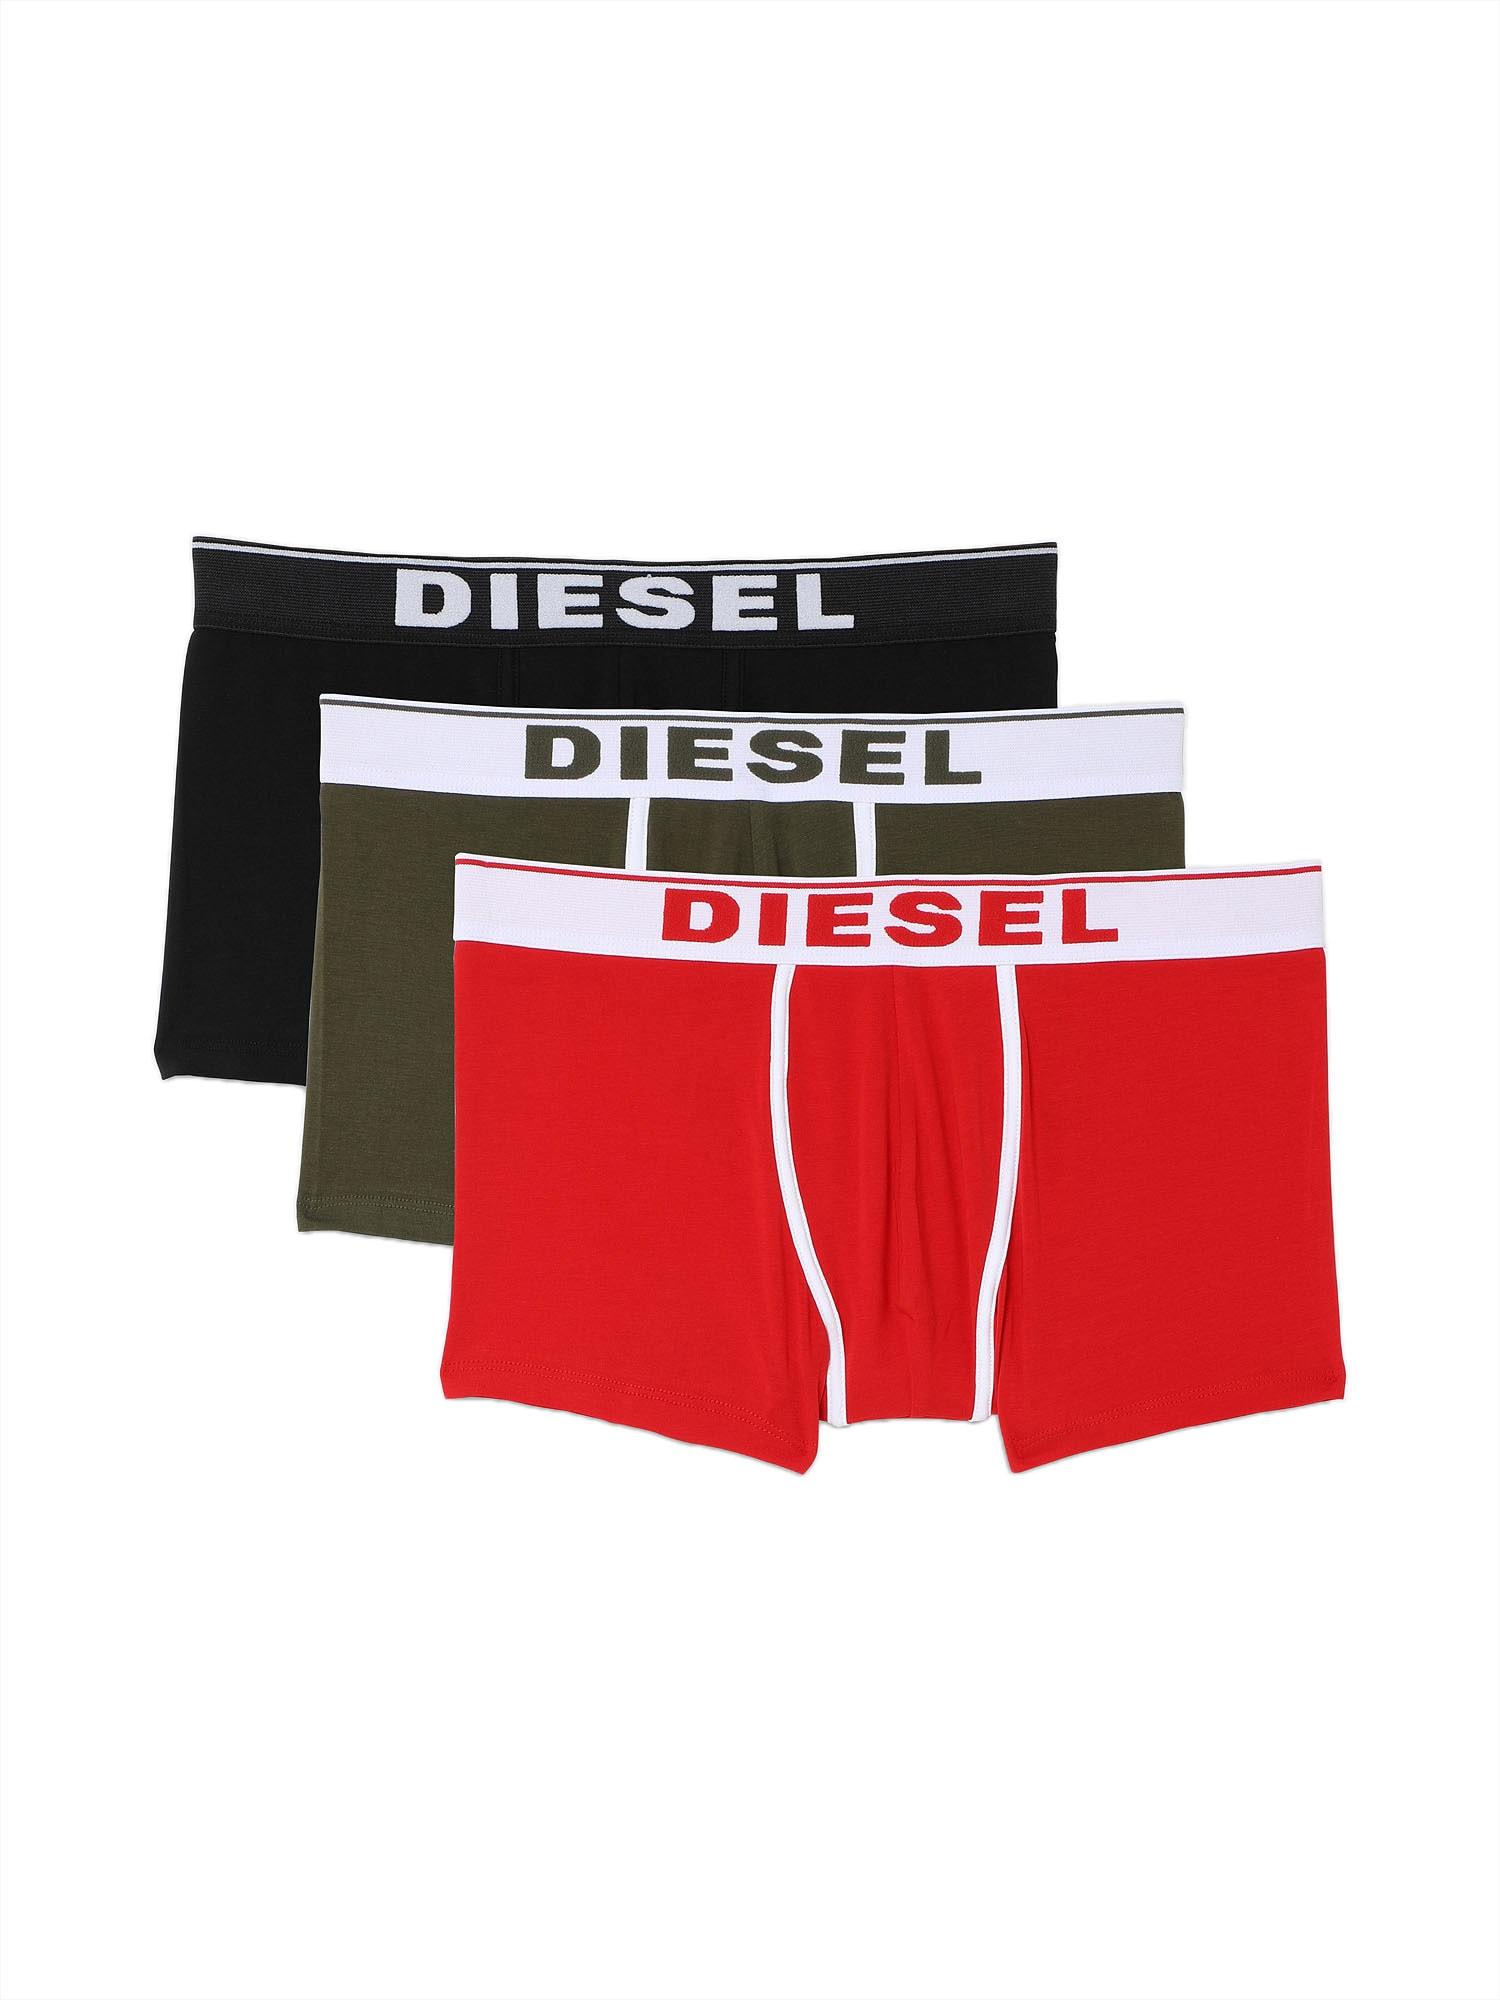 DIESEL Boxer trumpikės juoda / šviesiai raudona / balta / alyvuogių spalva